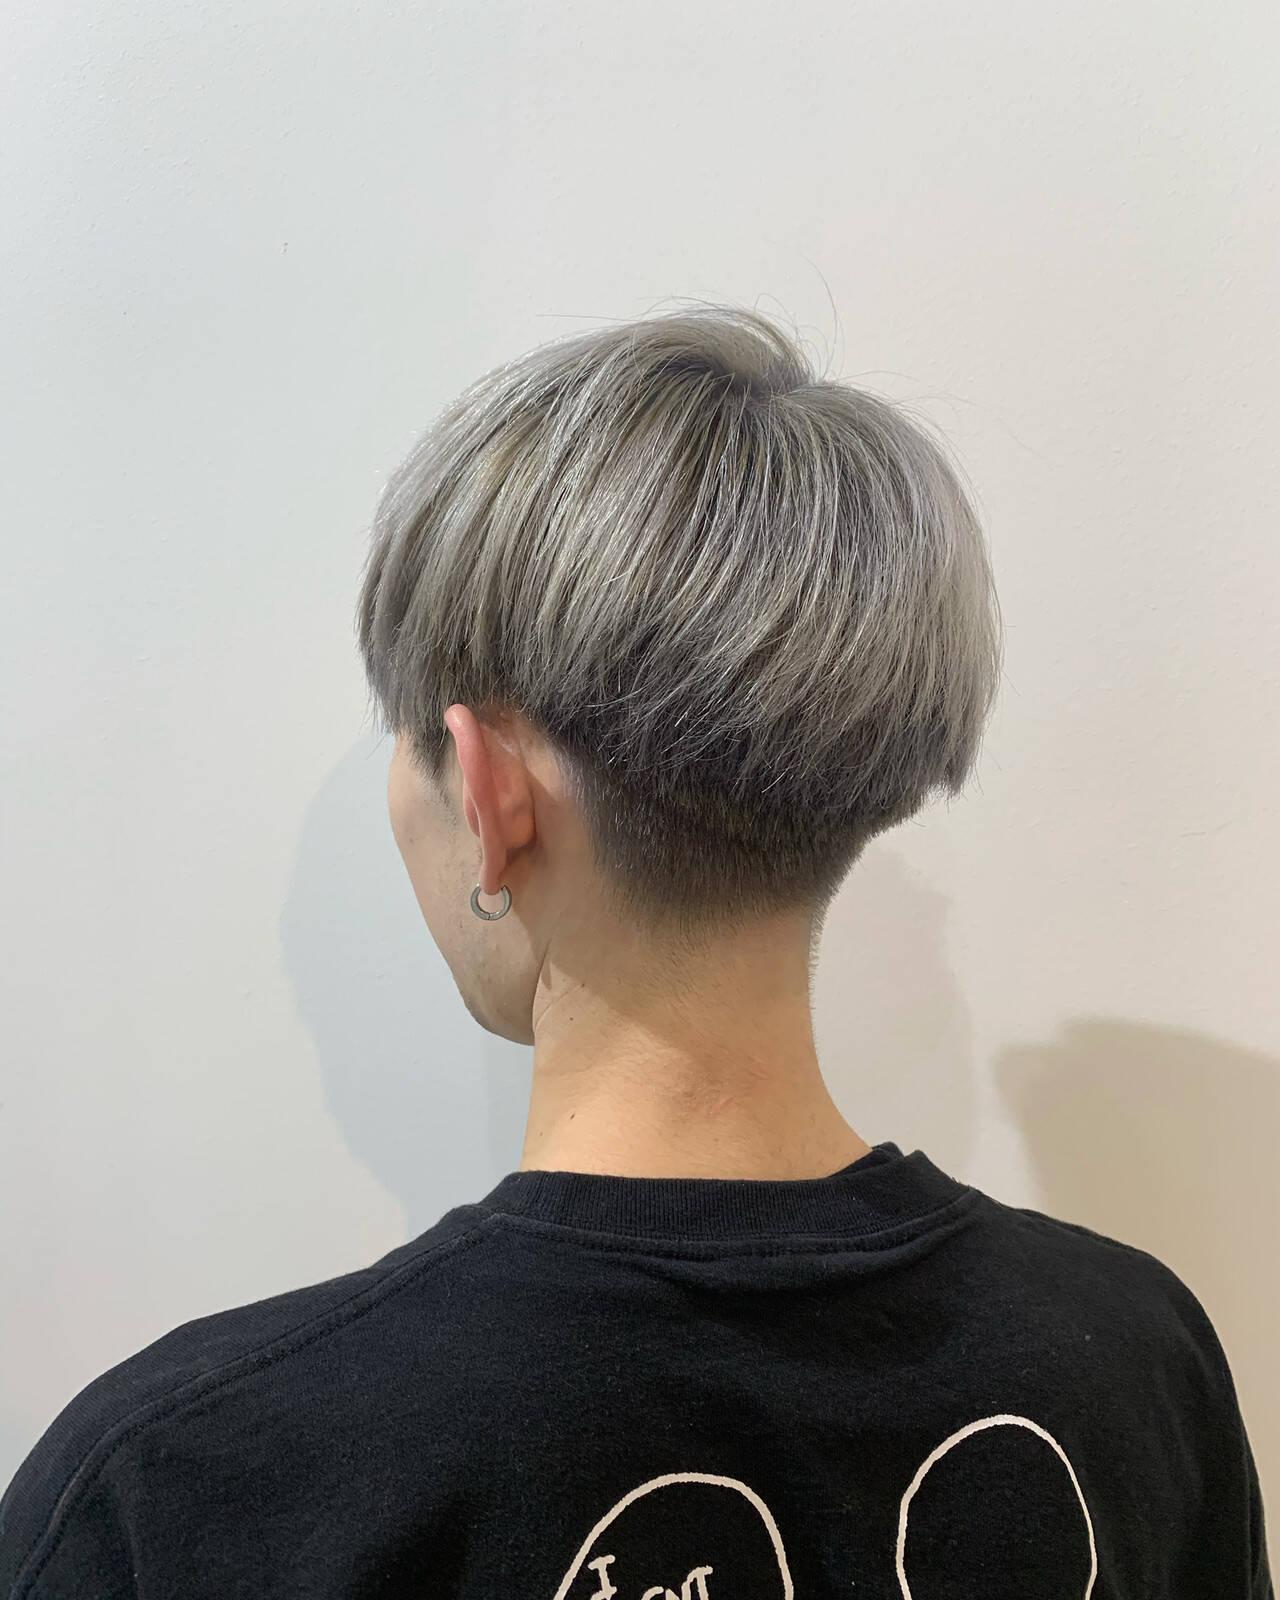 シルバー ストリート メンズ ショートヘアスタイルや髪型の写真・画像